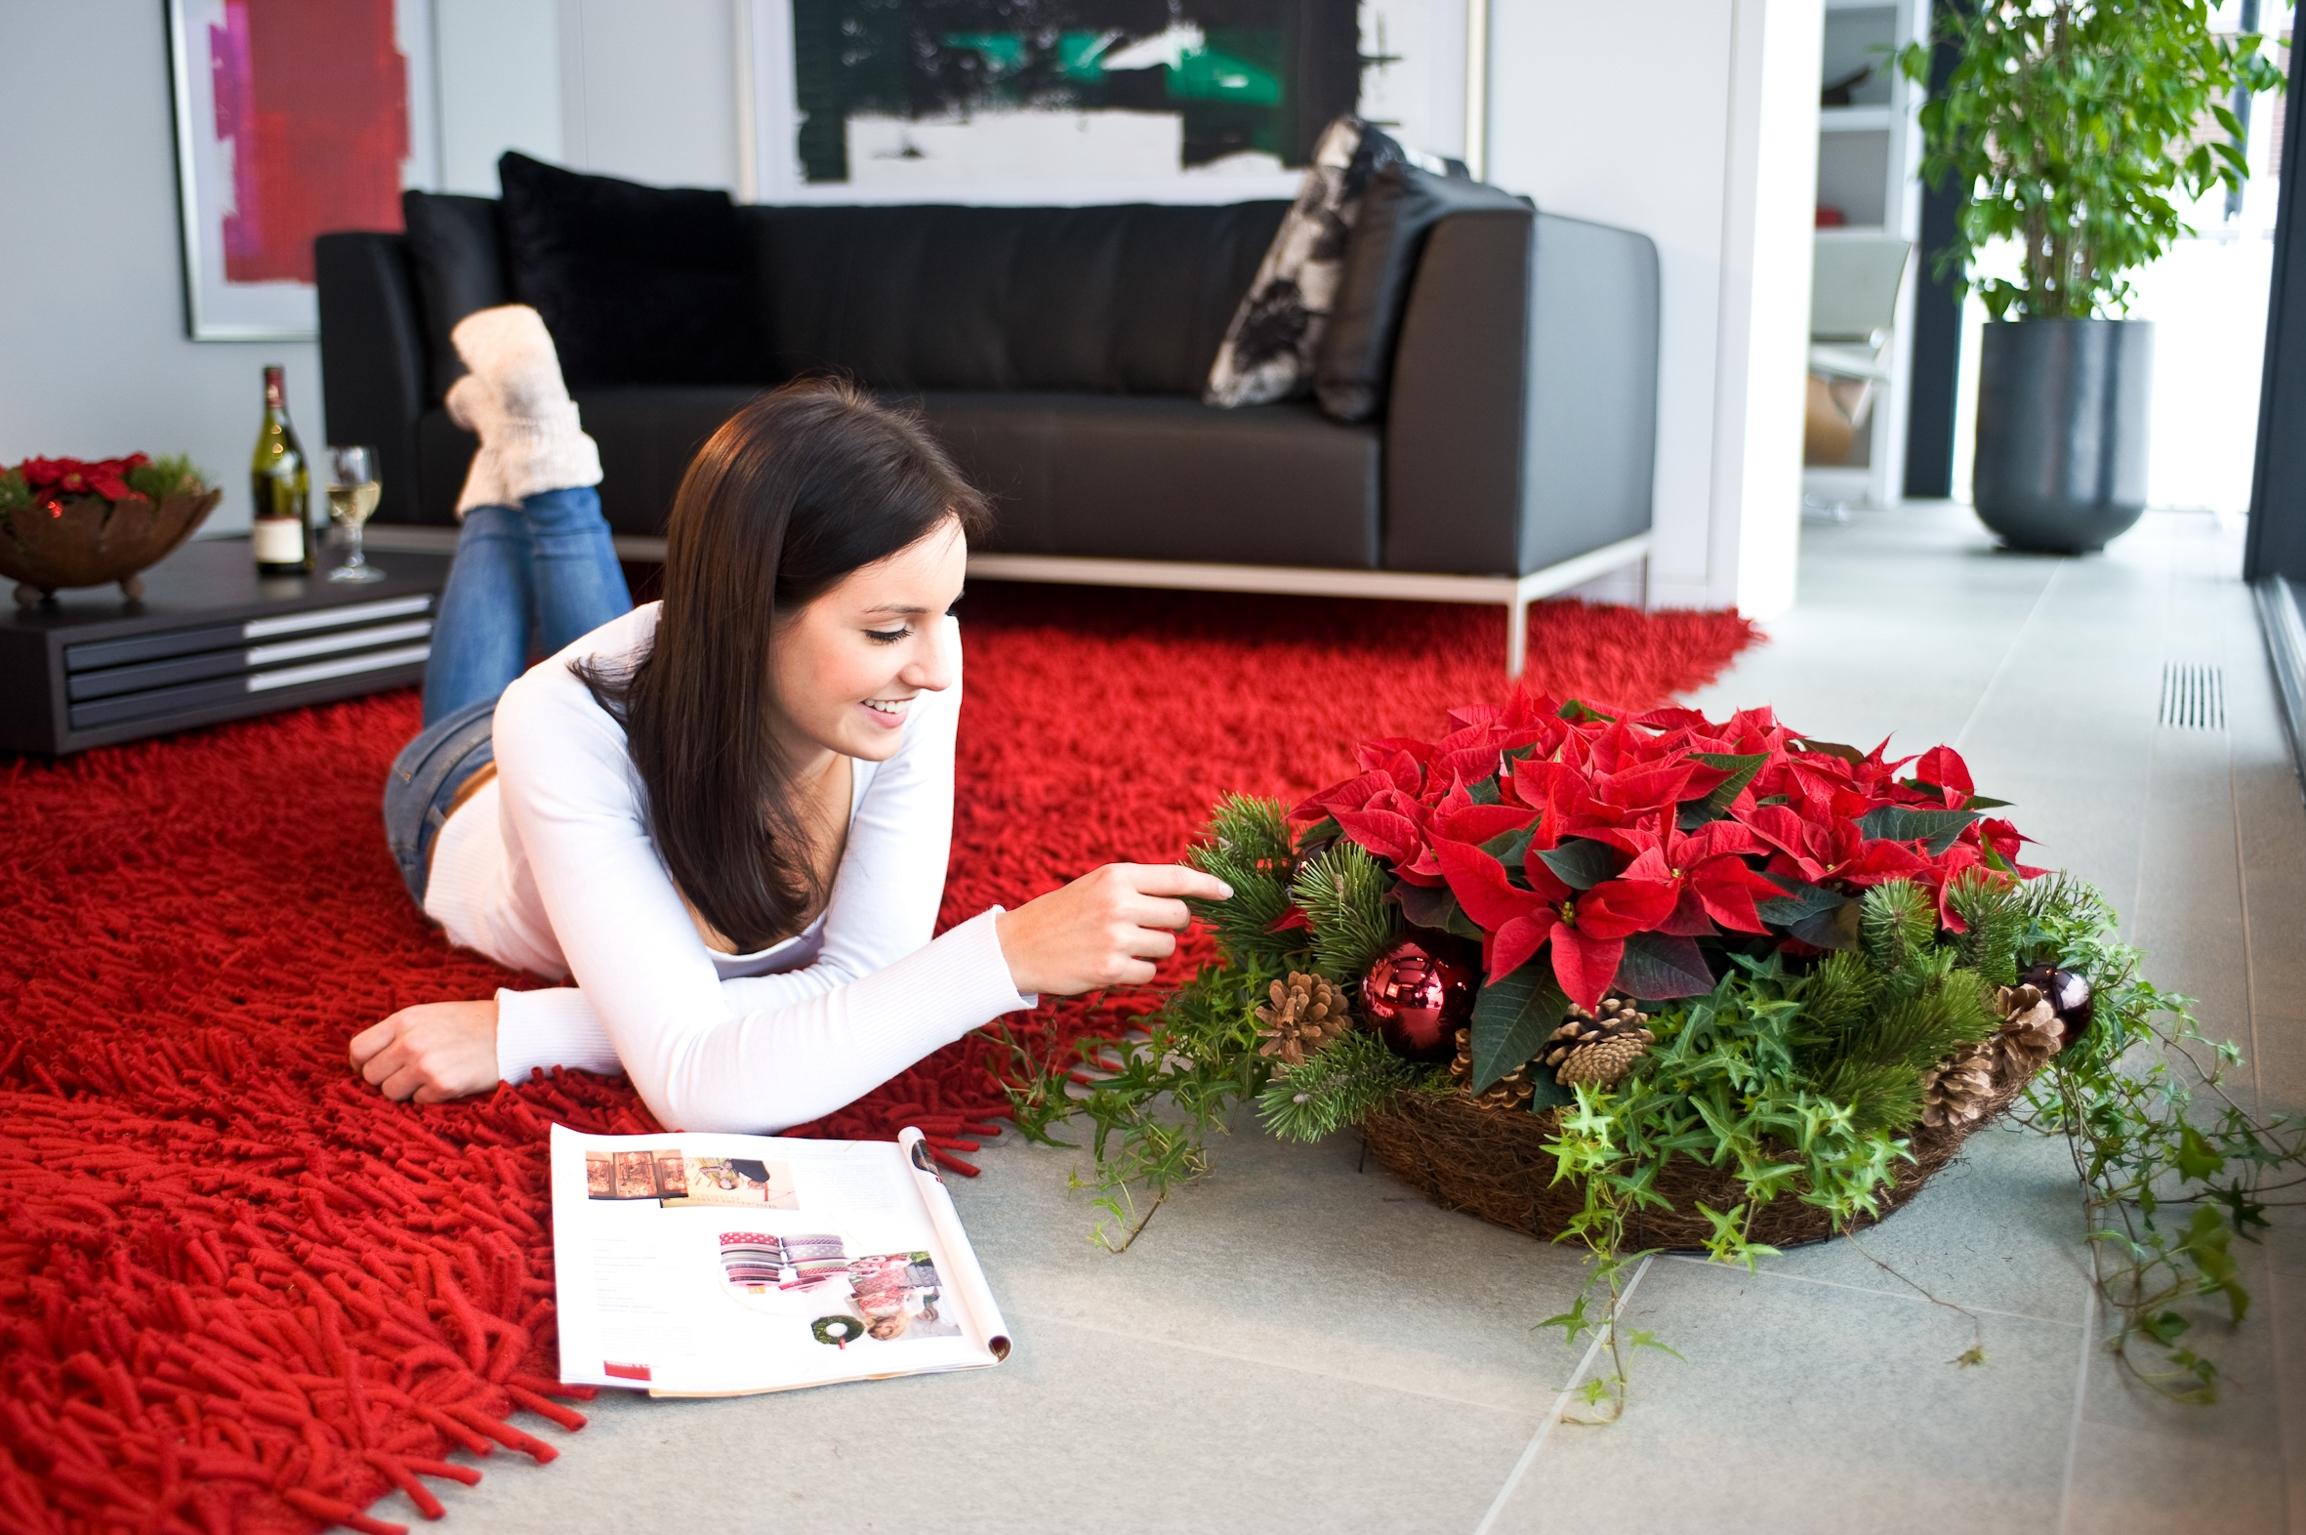 Weihnachtssterne sorgen in der Weihnachtszeit für Wohlfühl-Momente und festliche Stimmung